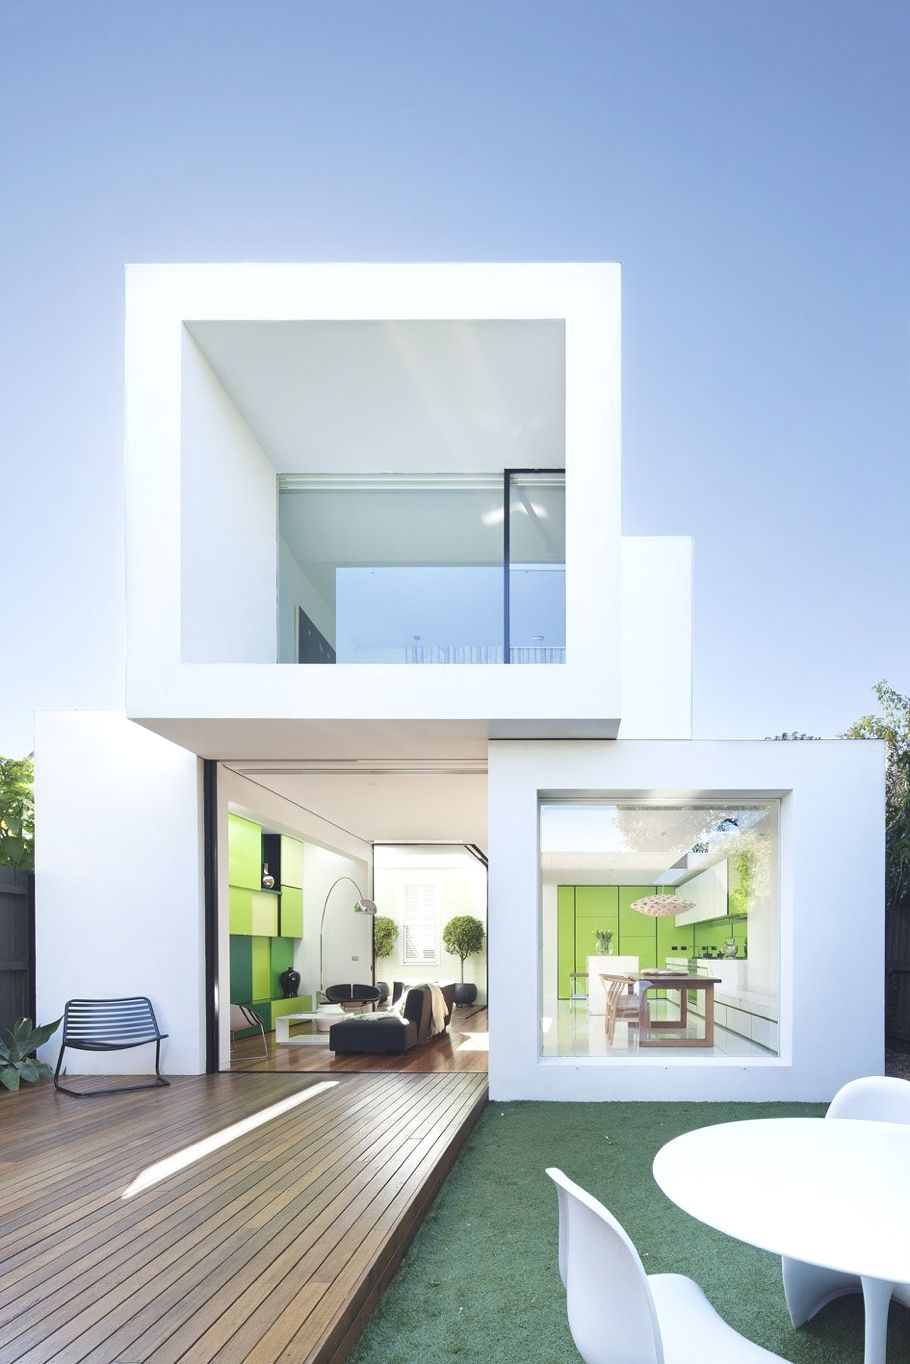 shakin stevens house project melbourne australia dream homes rh pinterest com